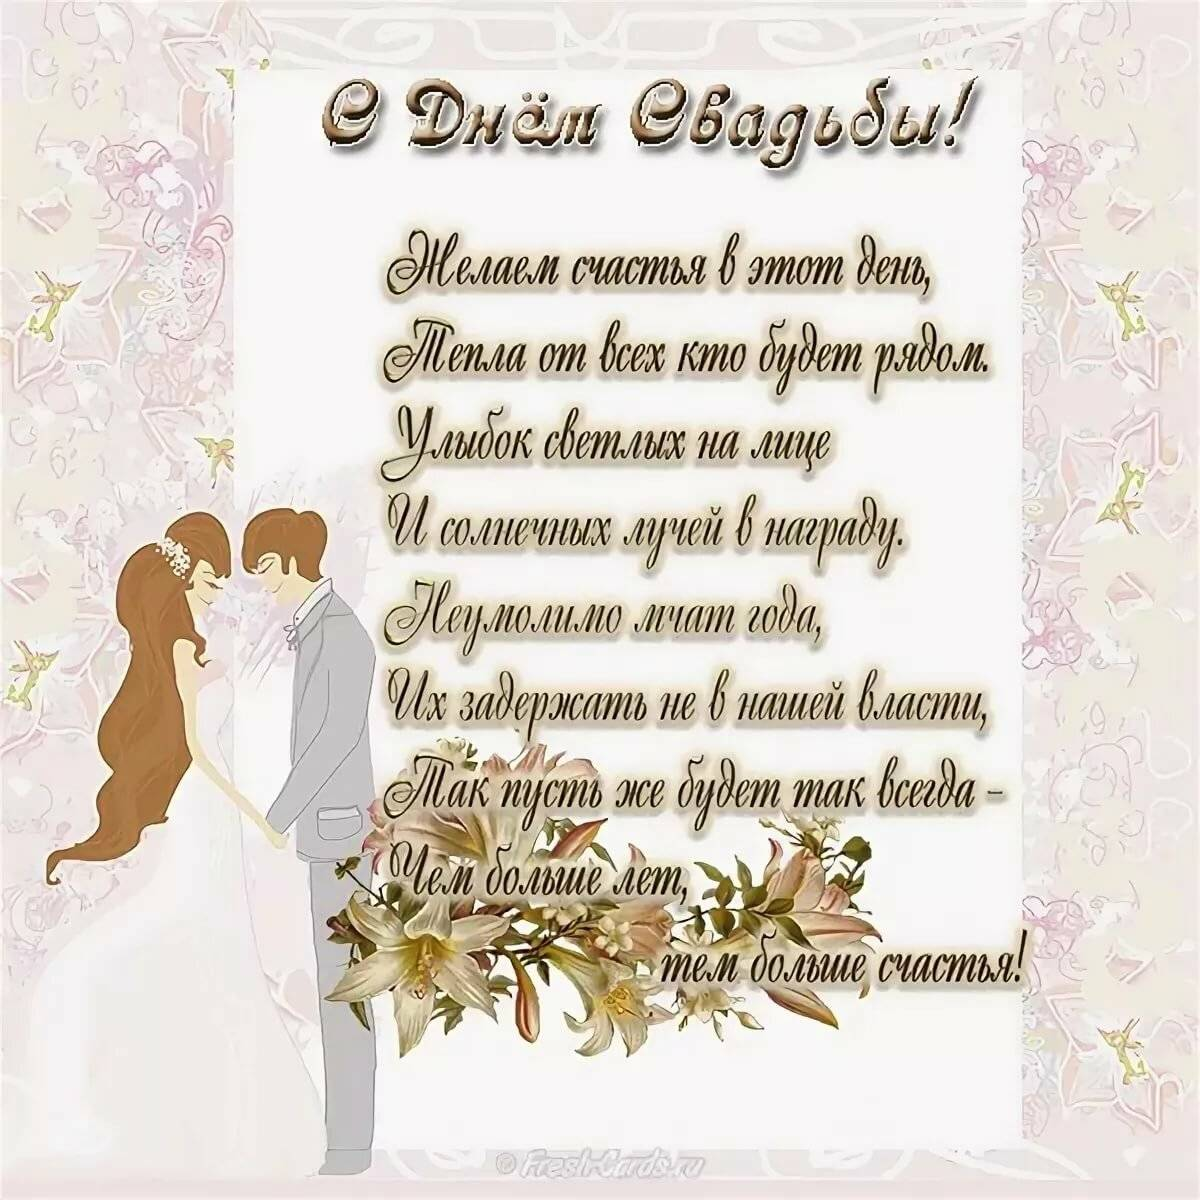 Поздравления на свадьбу своими словами короткие прикольные